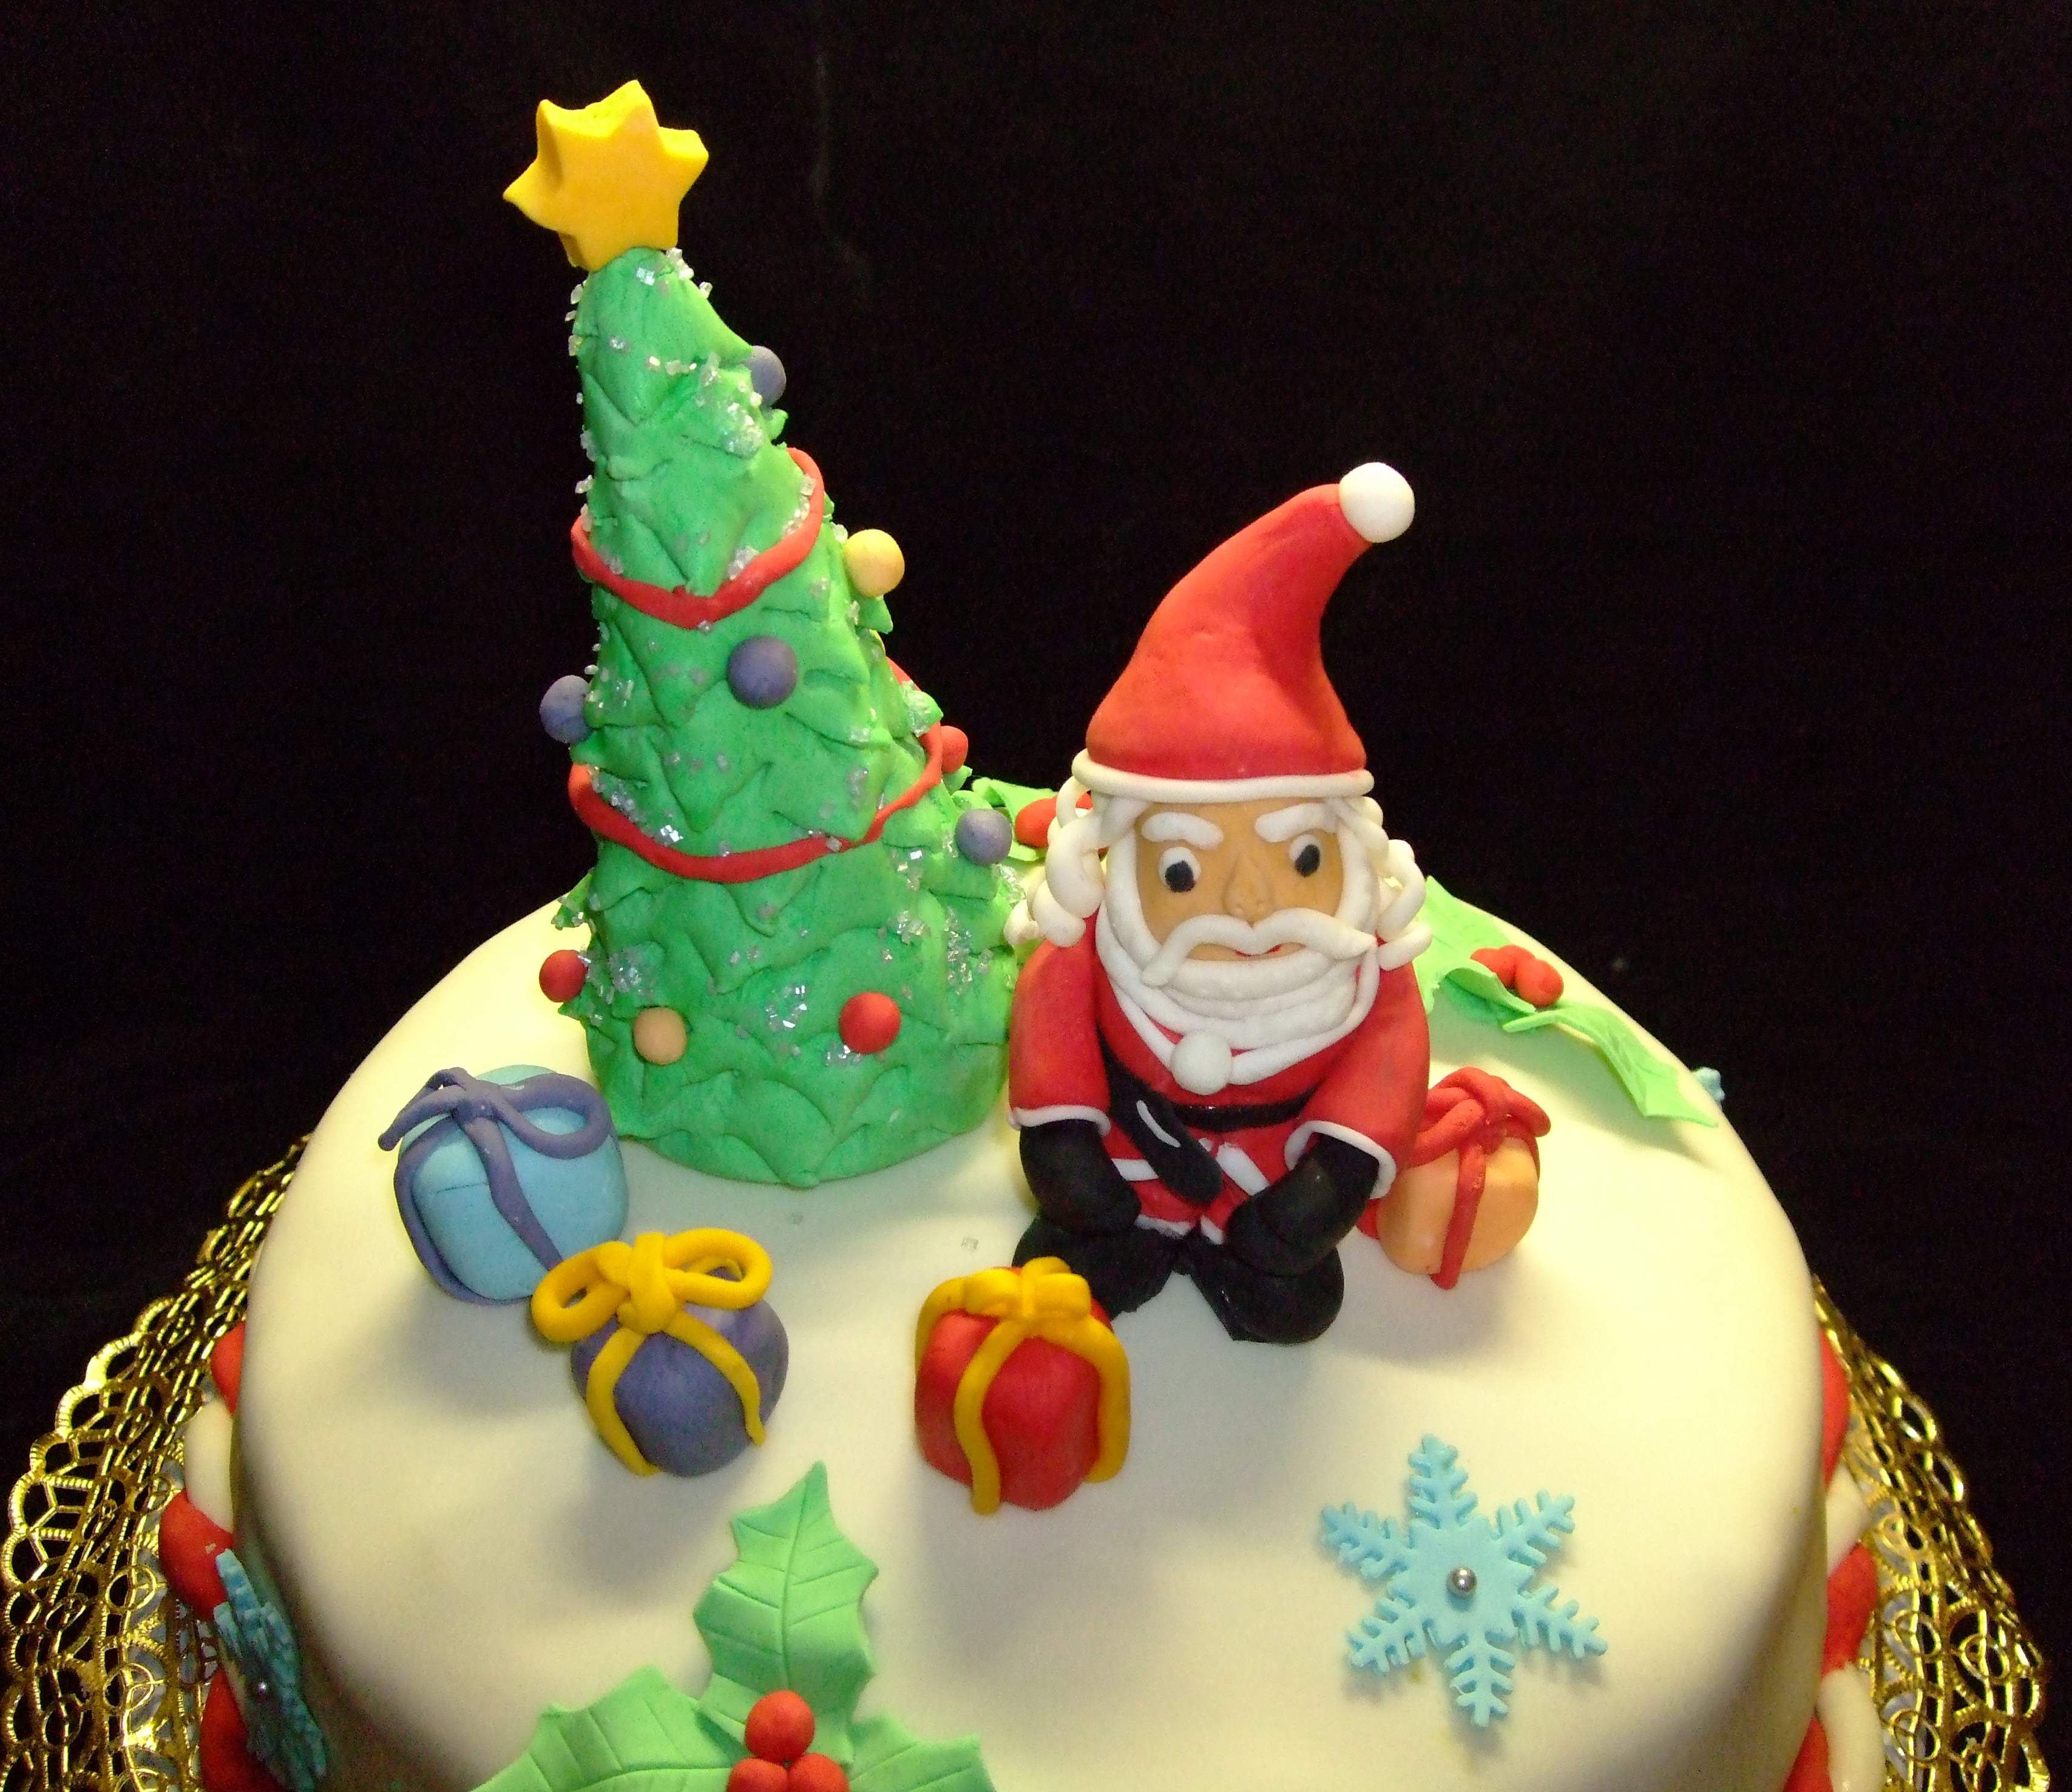 Torta natalizia decorata la mia prima torta decorata per - Torte natalizie decorate ...